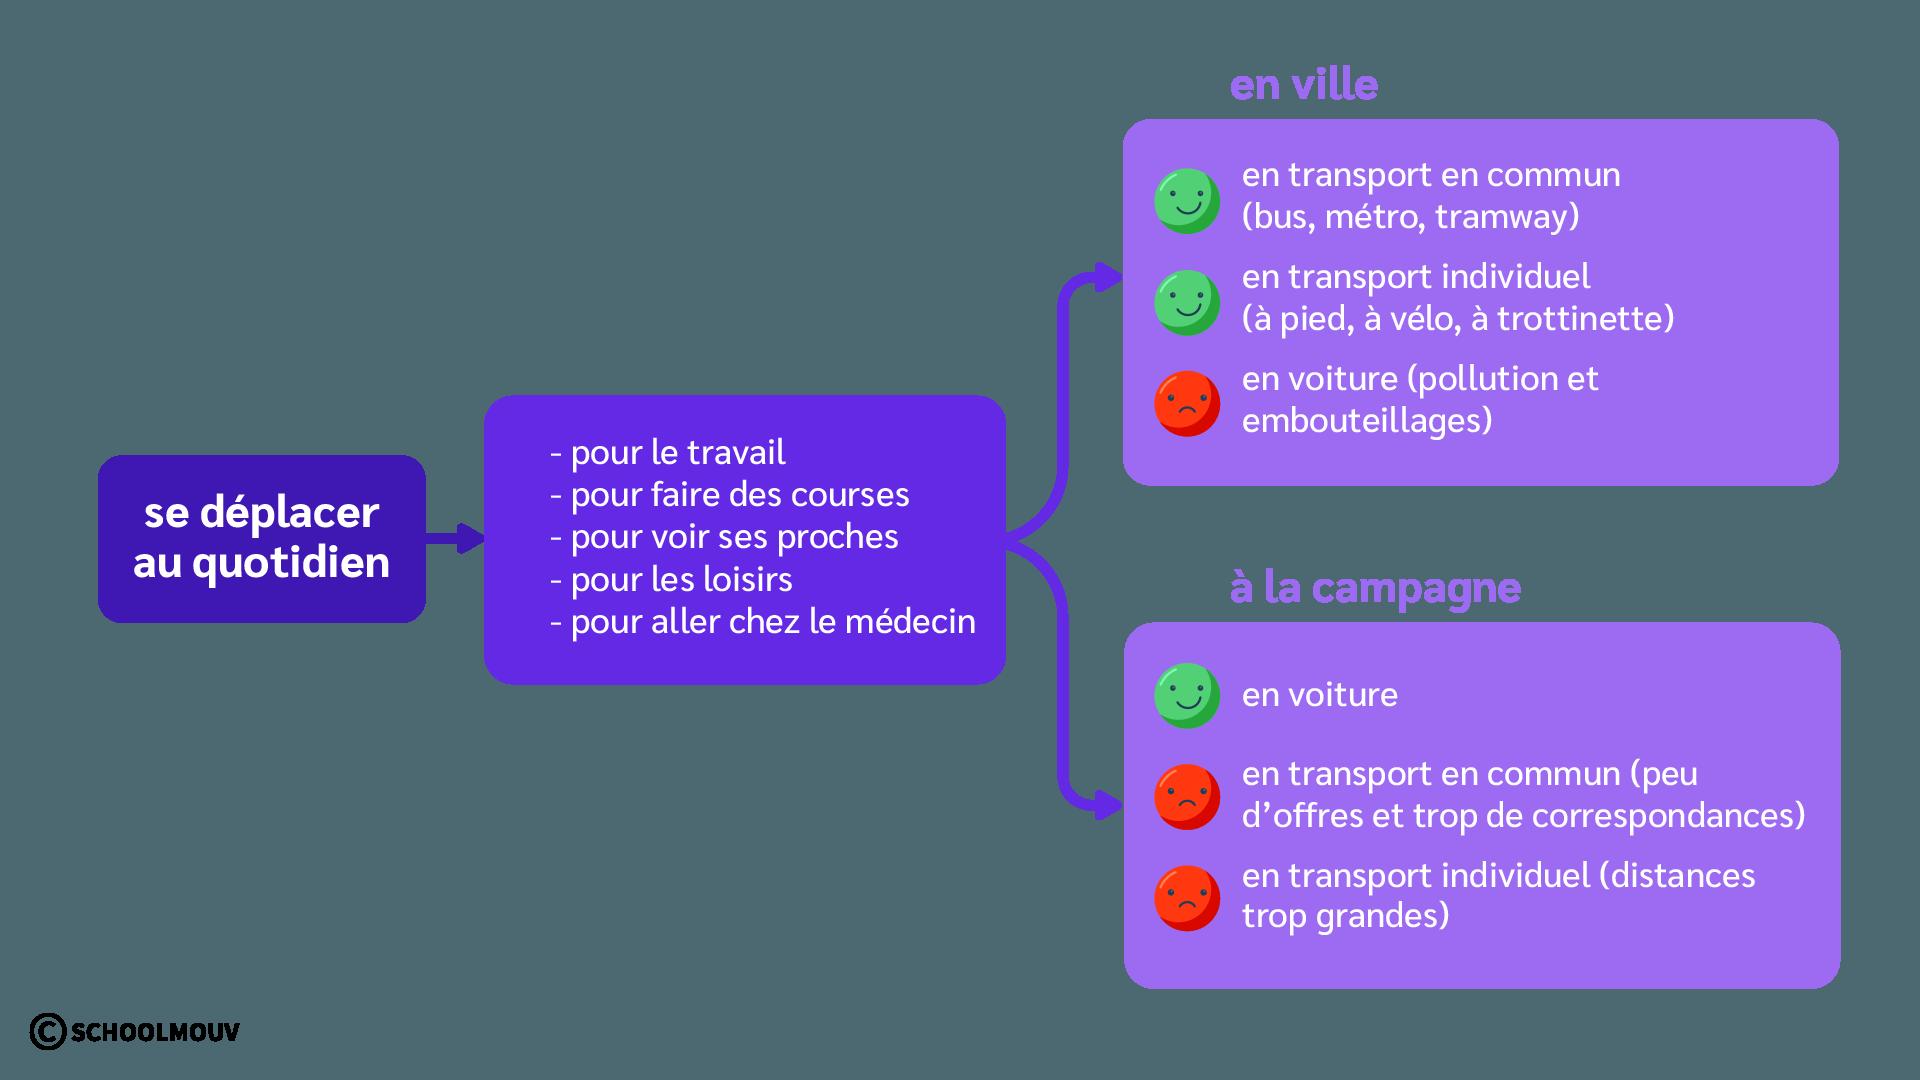 Schéma - Récapituler - Déplacements quotidiens - Ville - Campagne - SchoolMouv - CM2 - Géographie